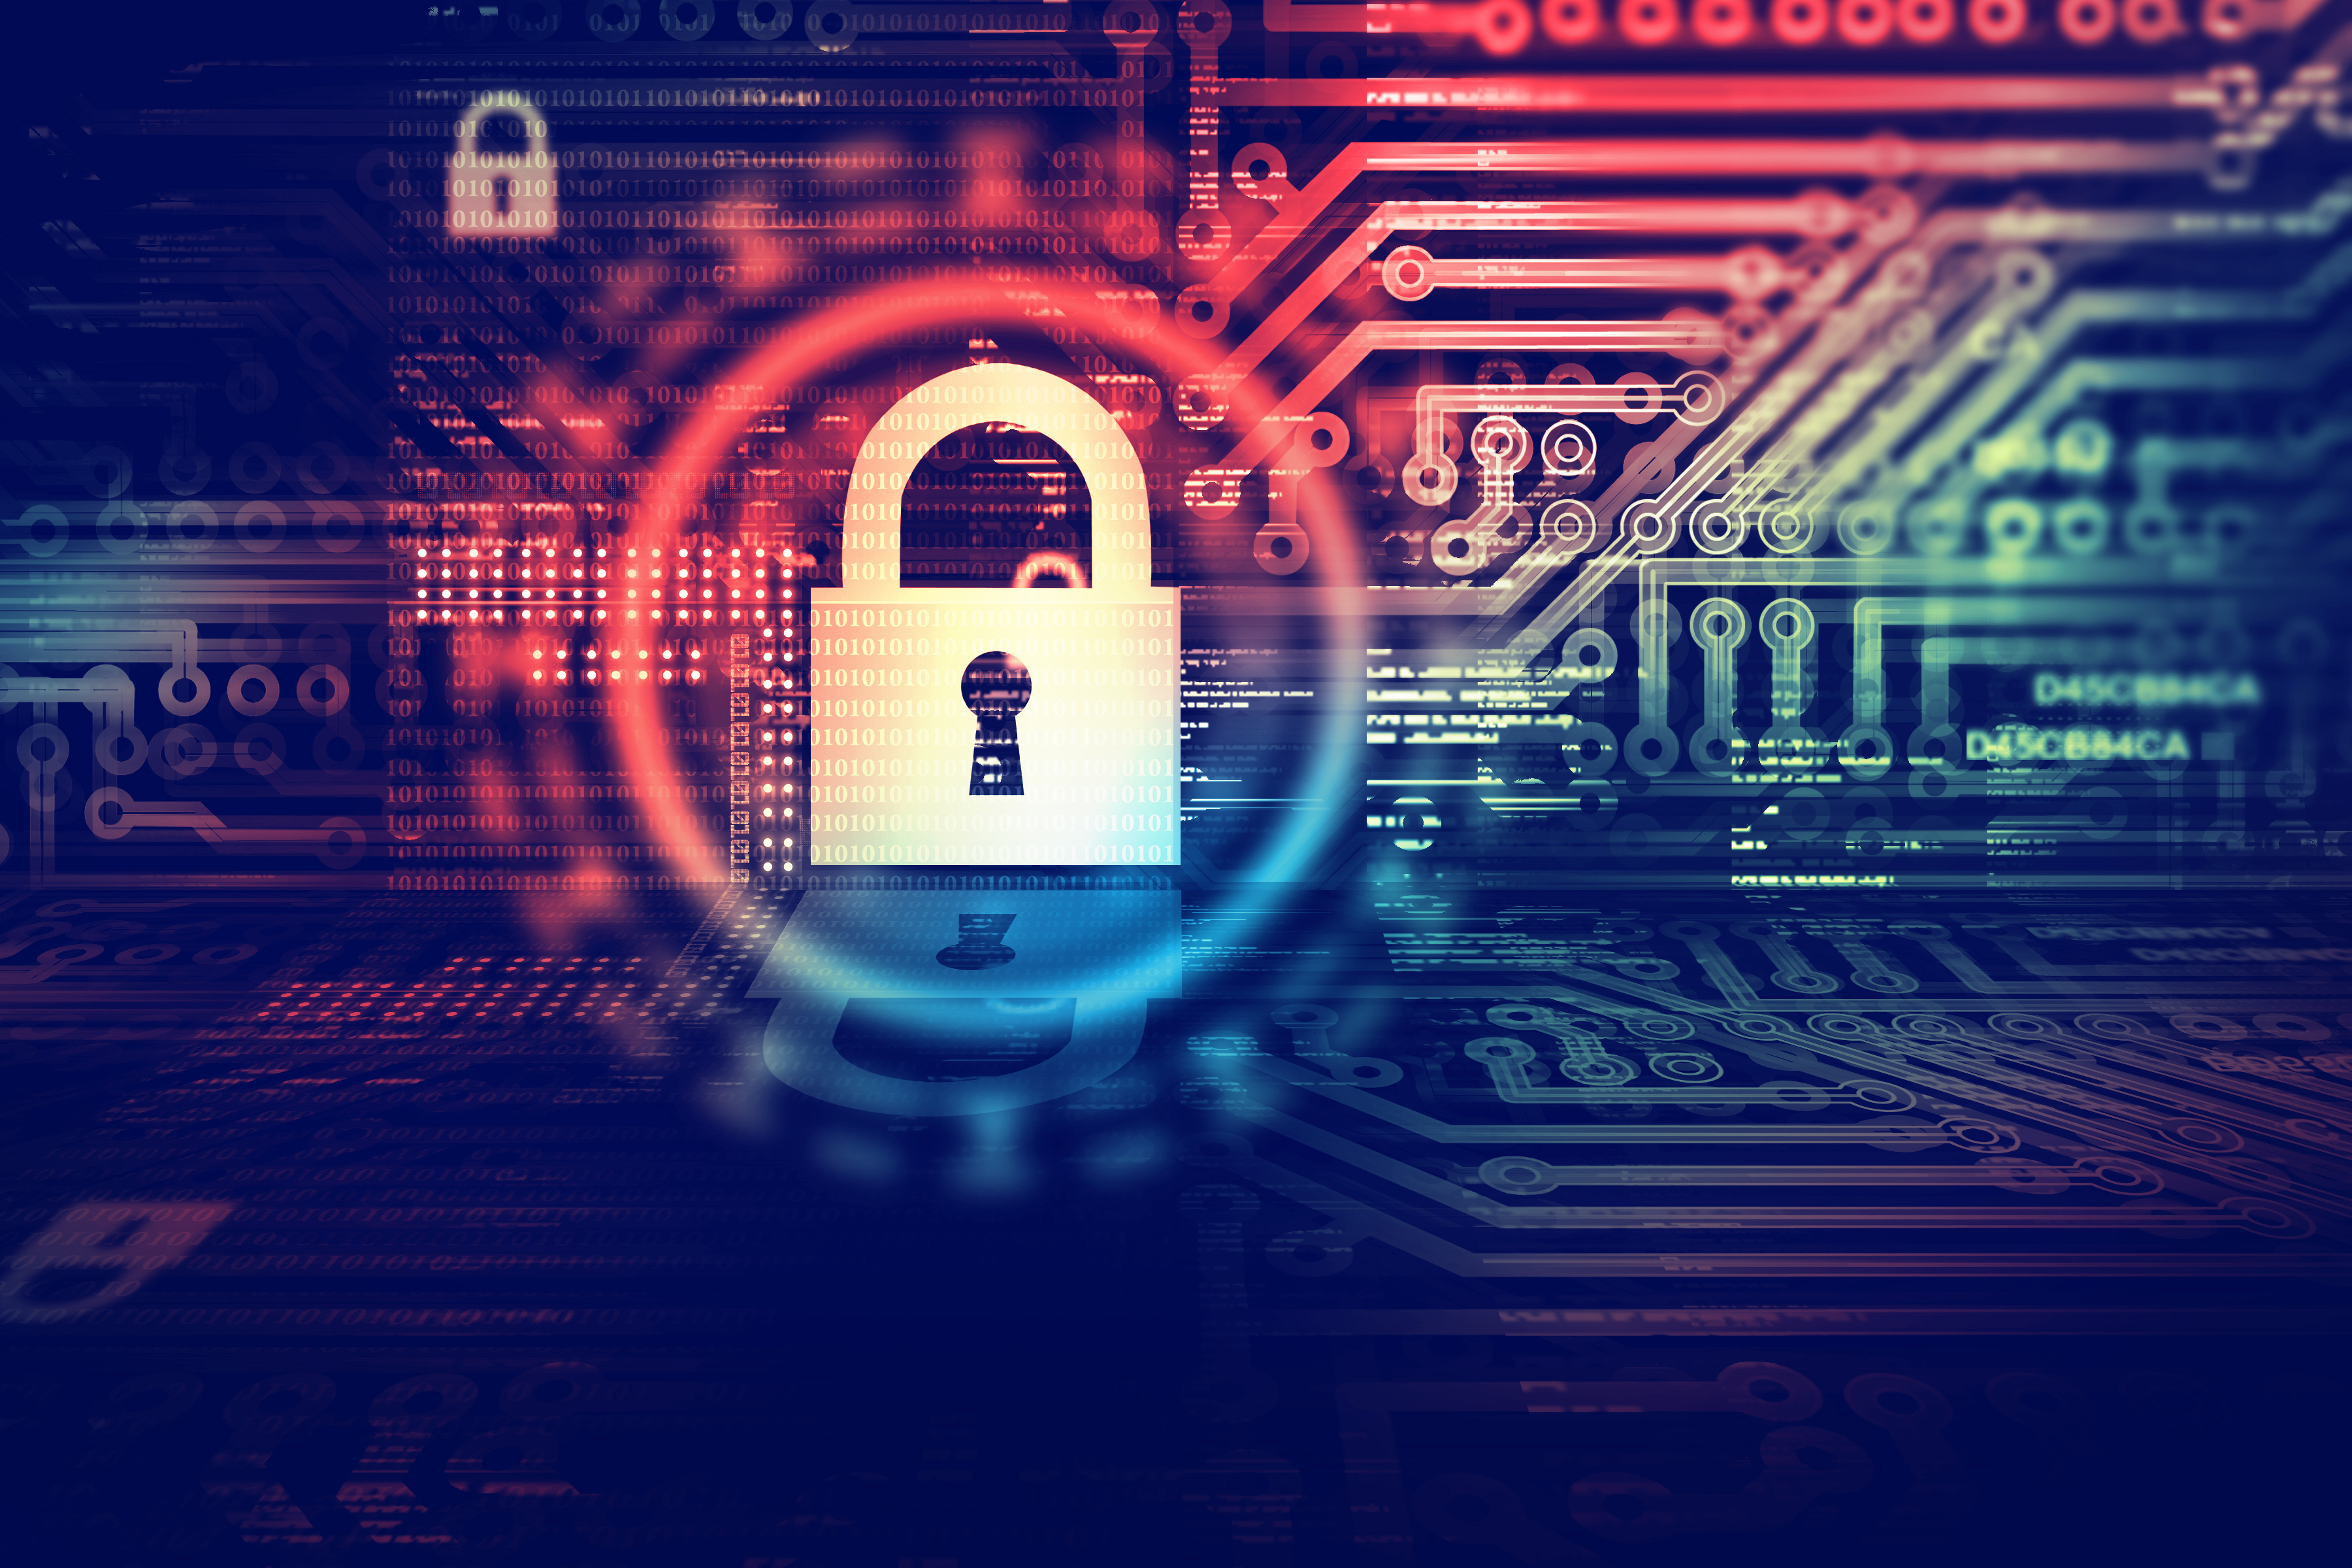 AP waarschuwt voor boetes door nieuwe Europese privacywet